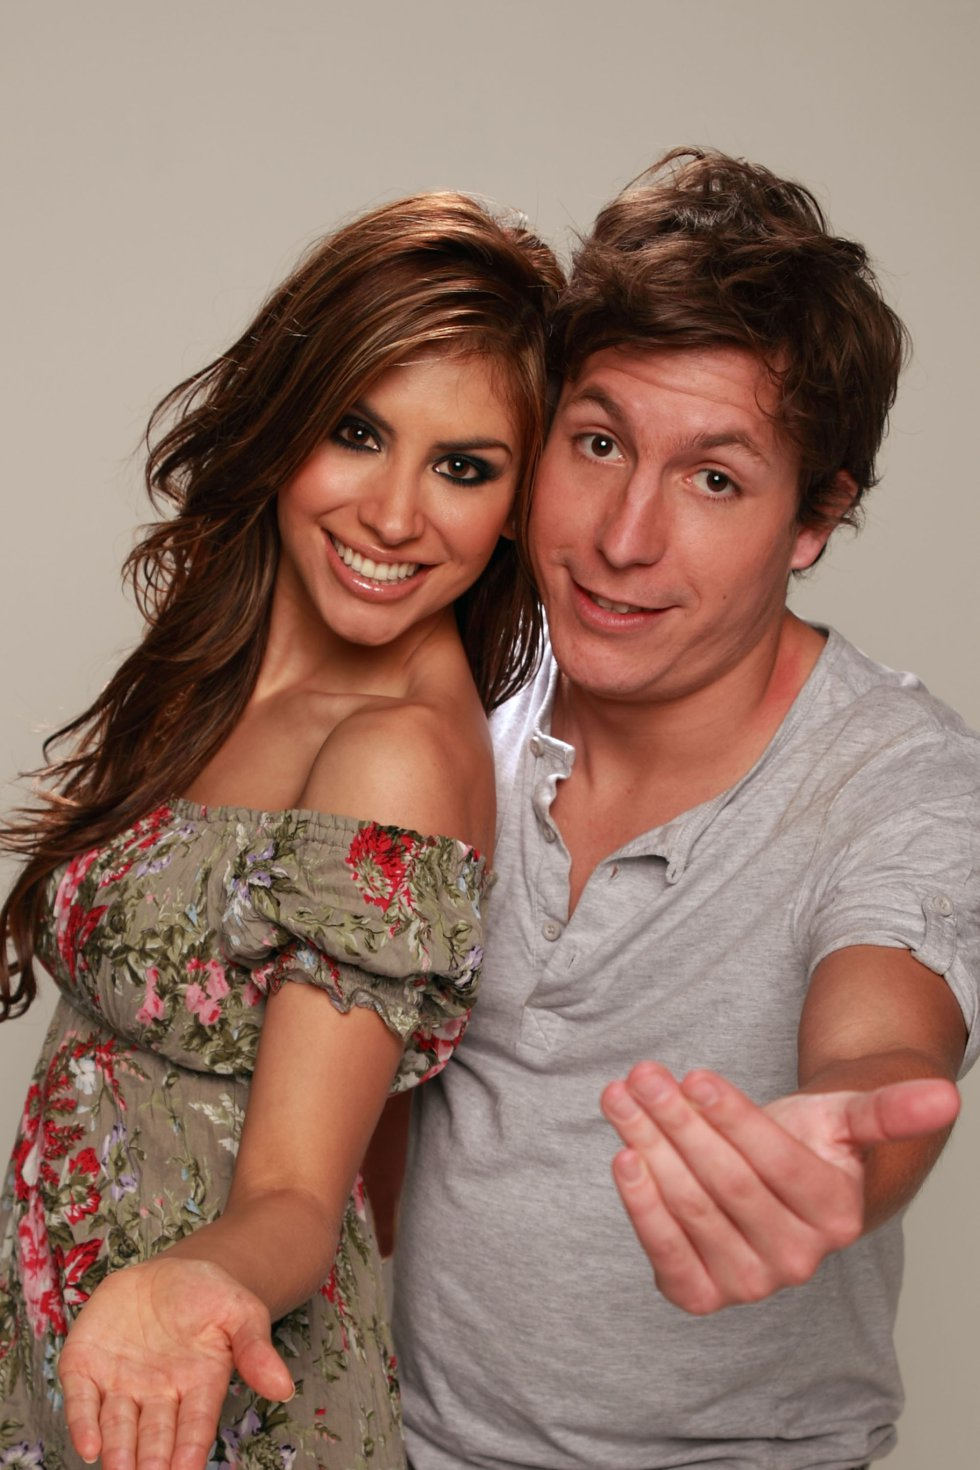 """En este programa duró cuatro años y luego cambió de programa en el mismo canal para presentar """"Nuestra semana, nuestra tele"""" junto al comediante Alejandro Riaño."""